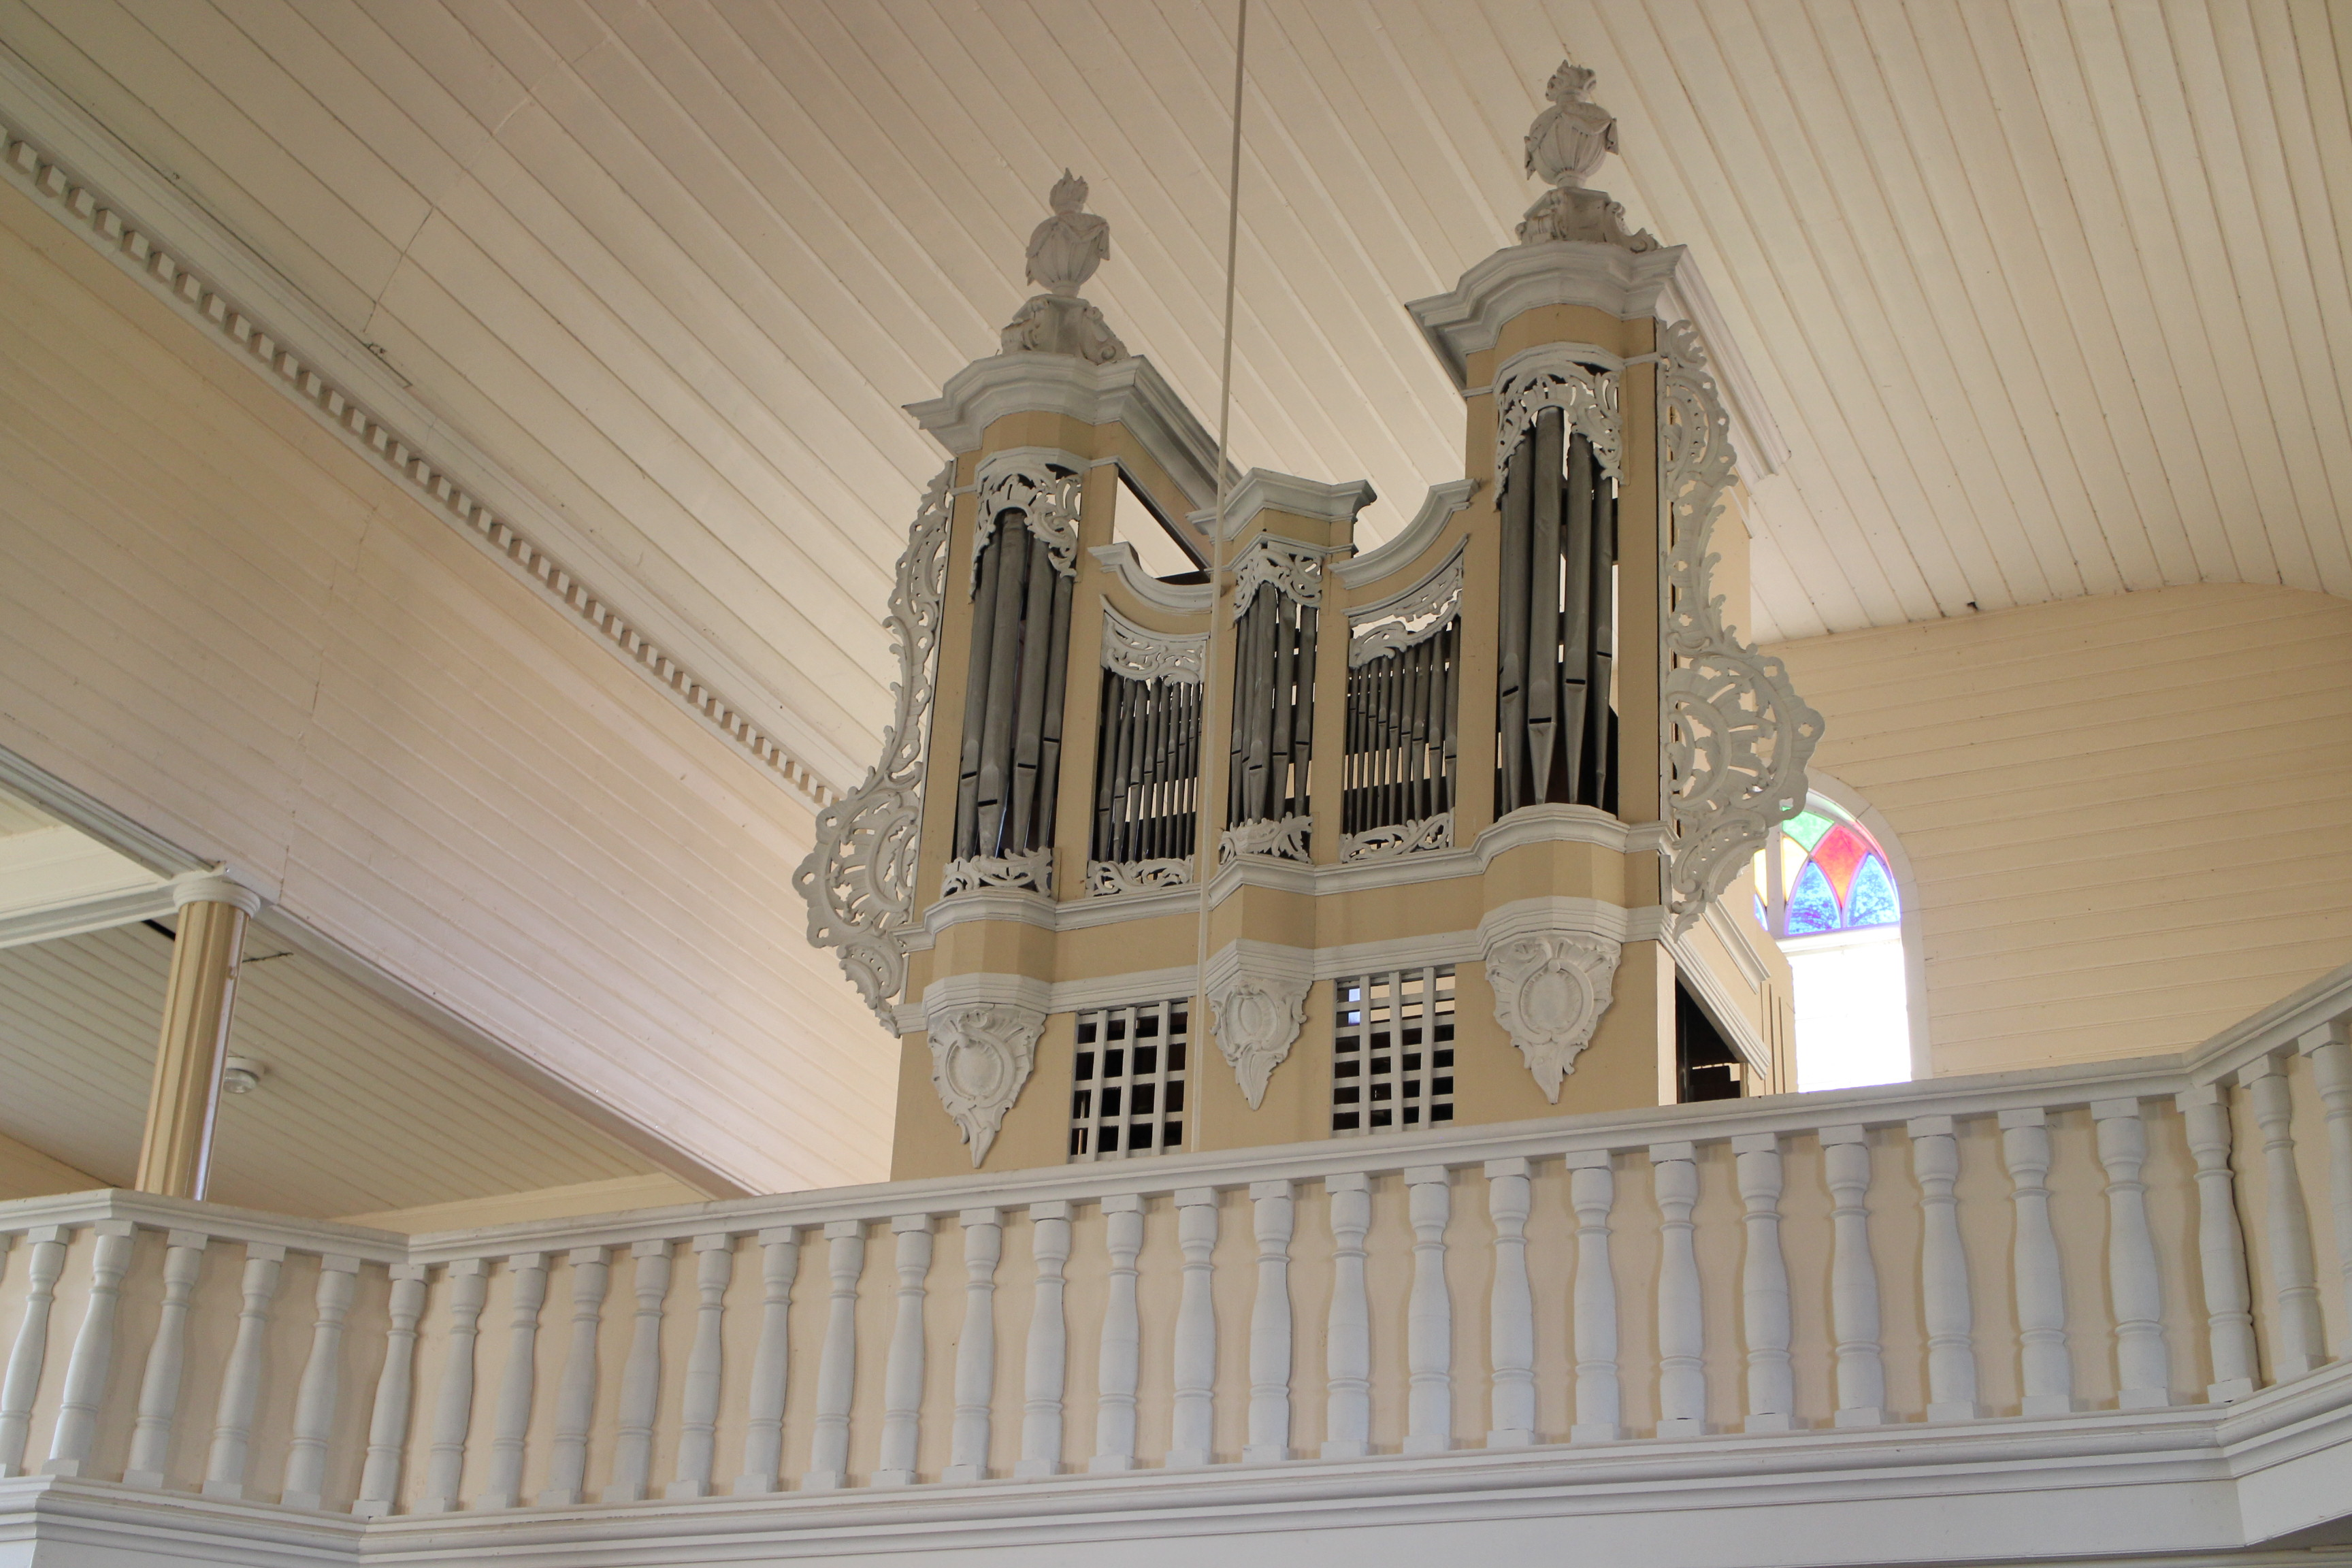 Kultūros vertybės Semeliškių bažnyčioje